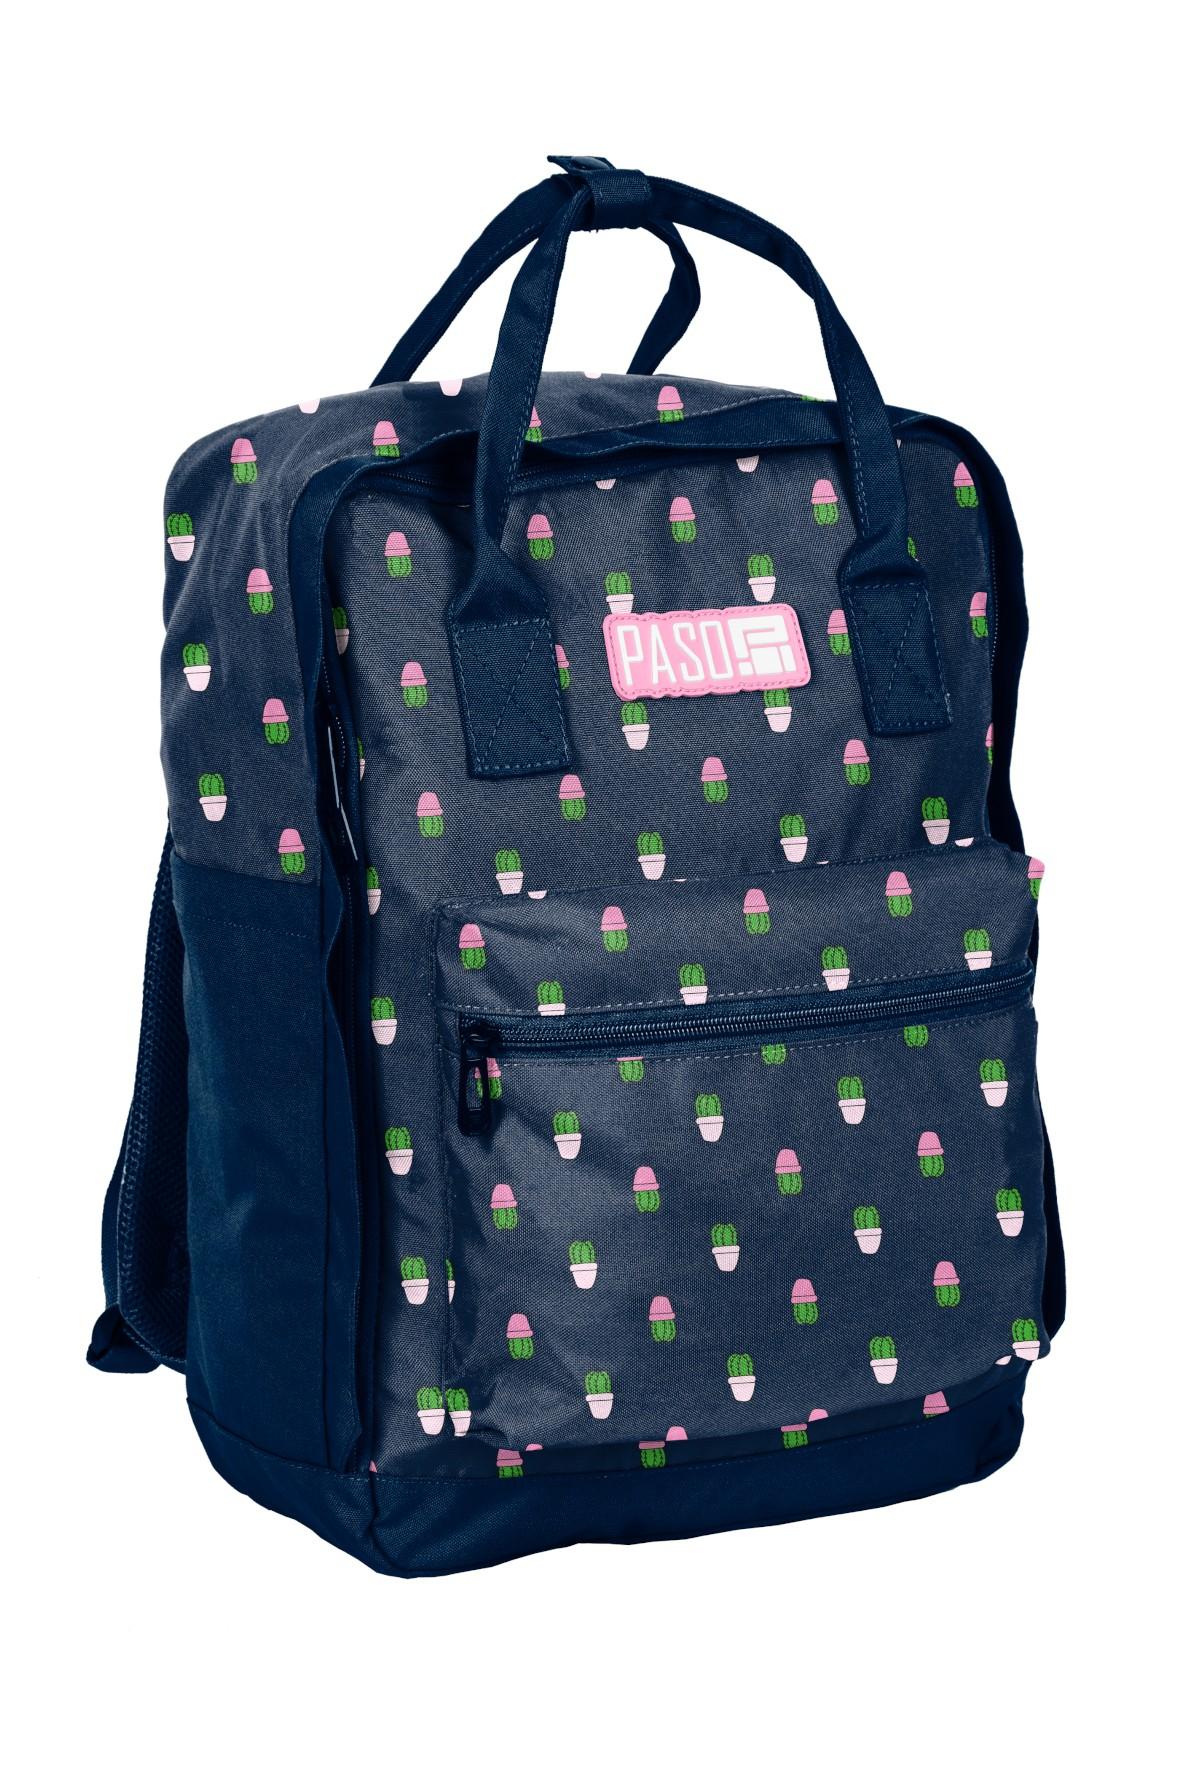 Plecak młodzieżowy aszkolny PASO w kaktusy